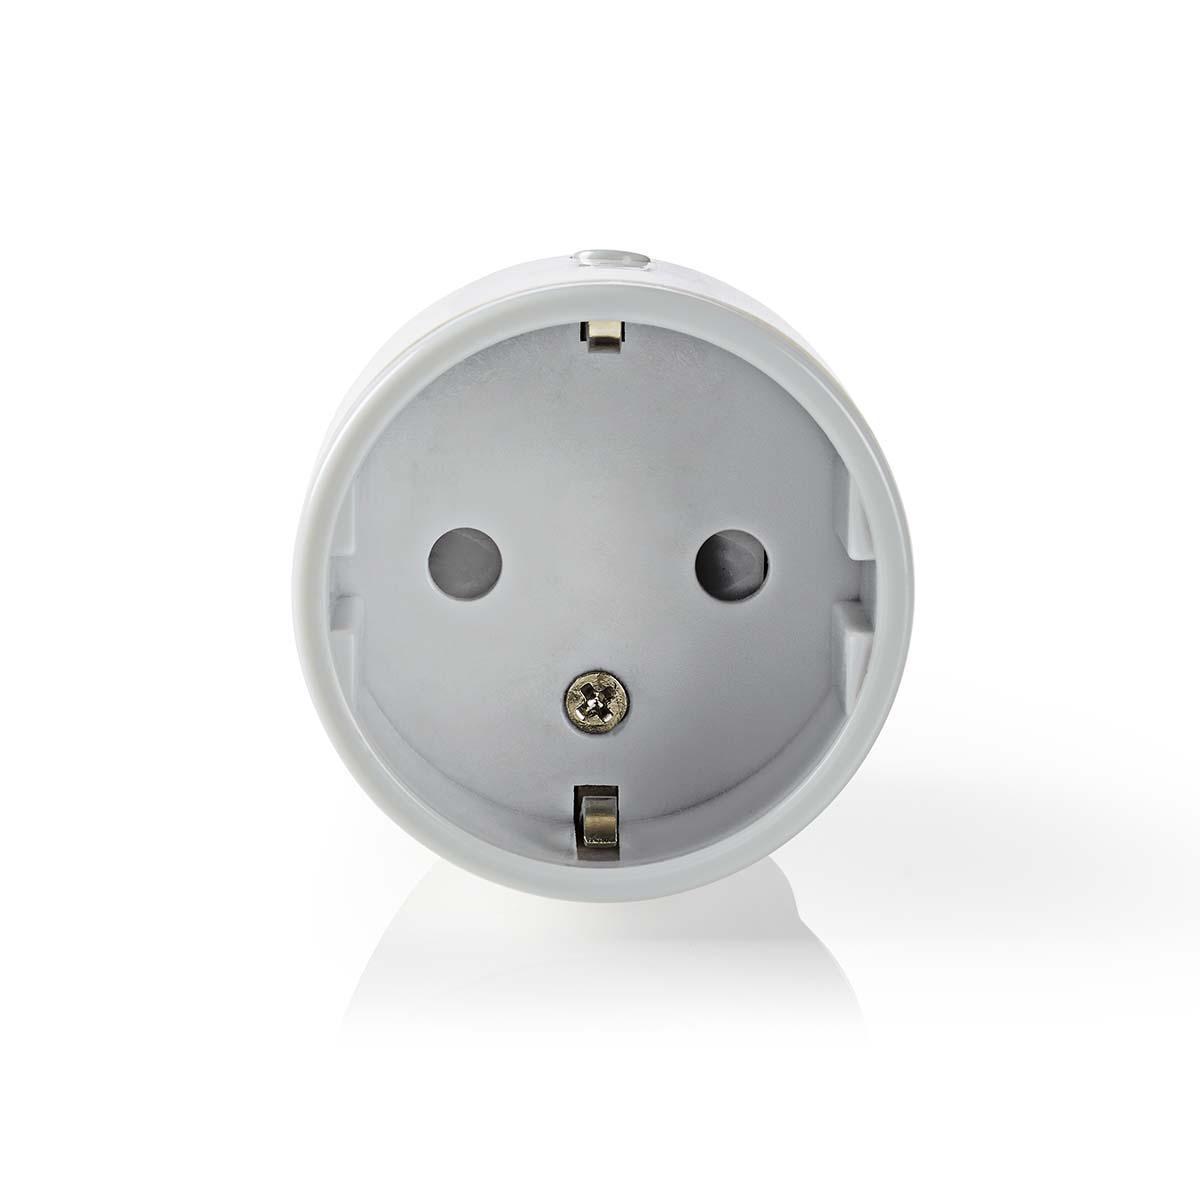 Controle todo tipo de dispositivos eléctricos de forma remota simplemente conectándolos a este enchufe inteligente inalámbrico y conectándolos a su teléfono inteligente o tableta a través de un enrutador Wi-Fi. Con el práctico medidor de flujo, puede ver